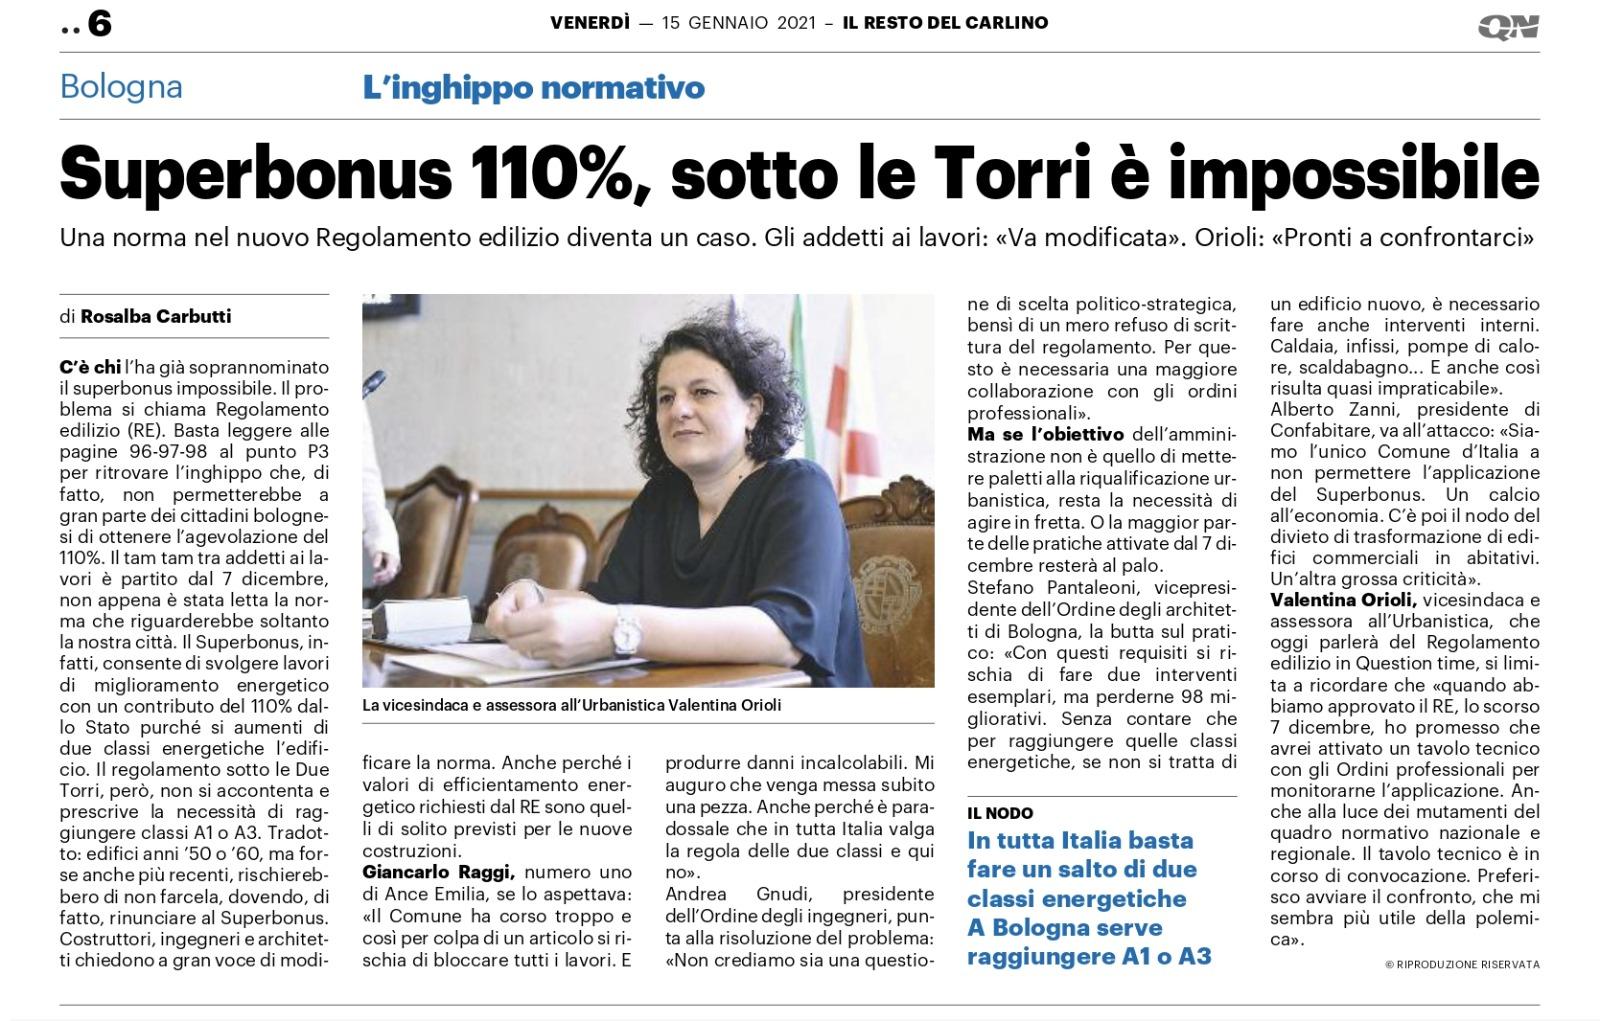 Superbonus 110% a Bologna: informativa agli iscritti